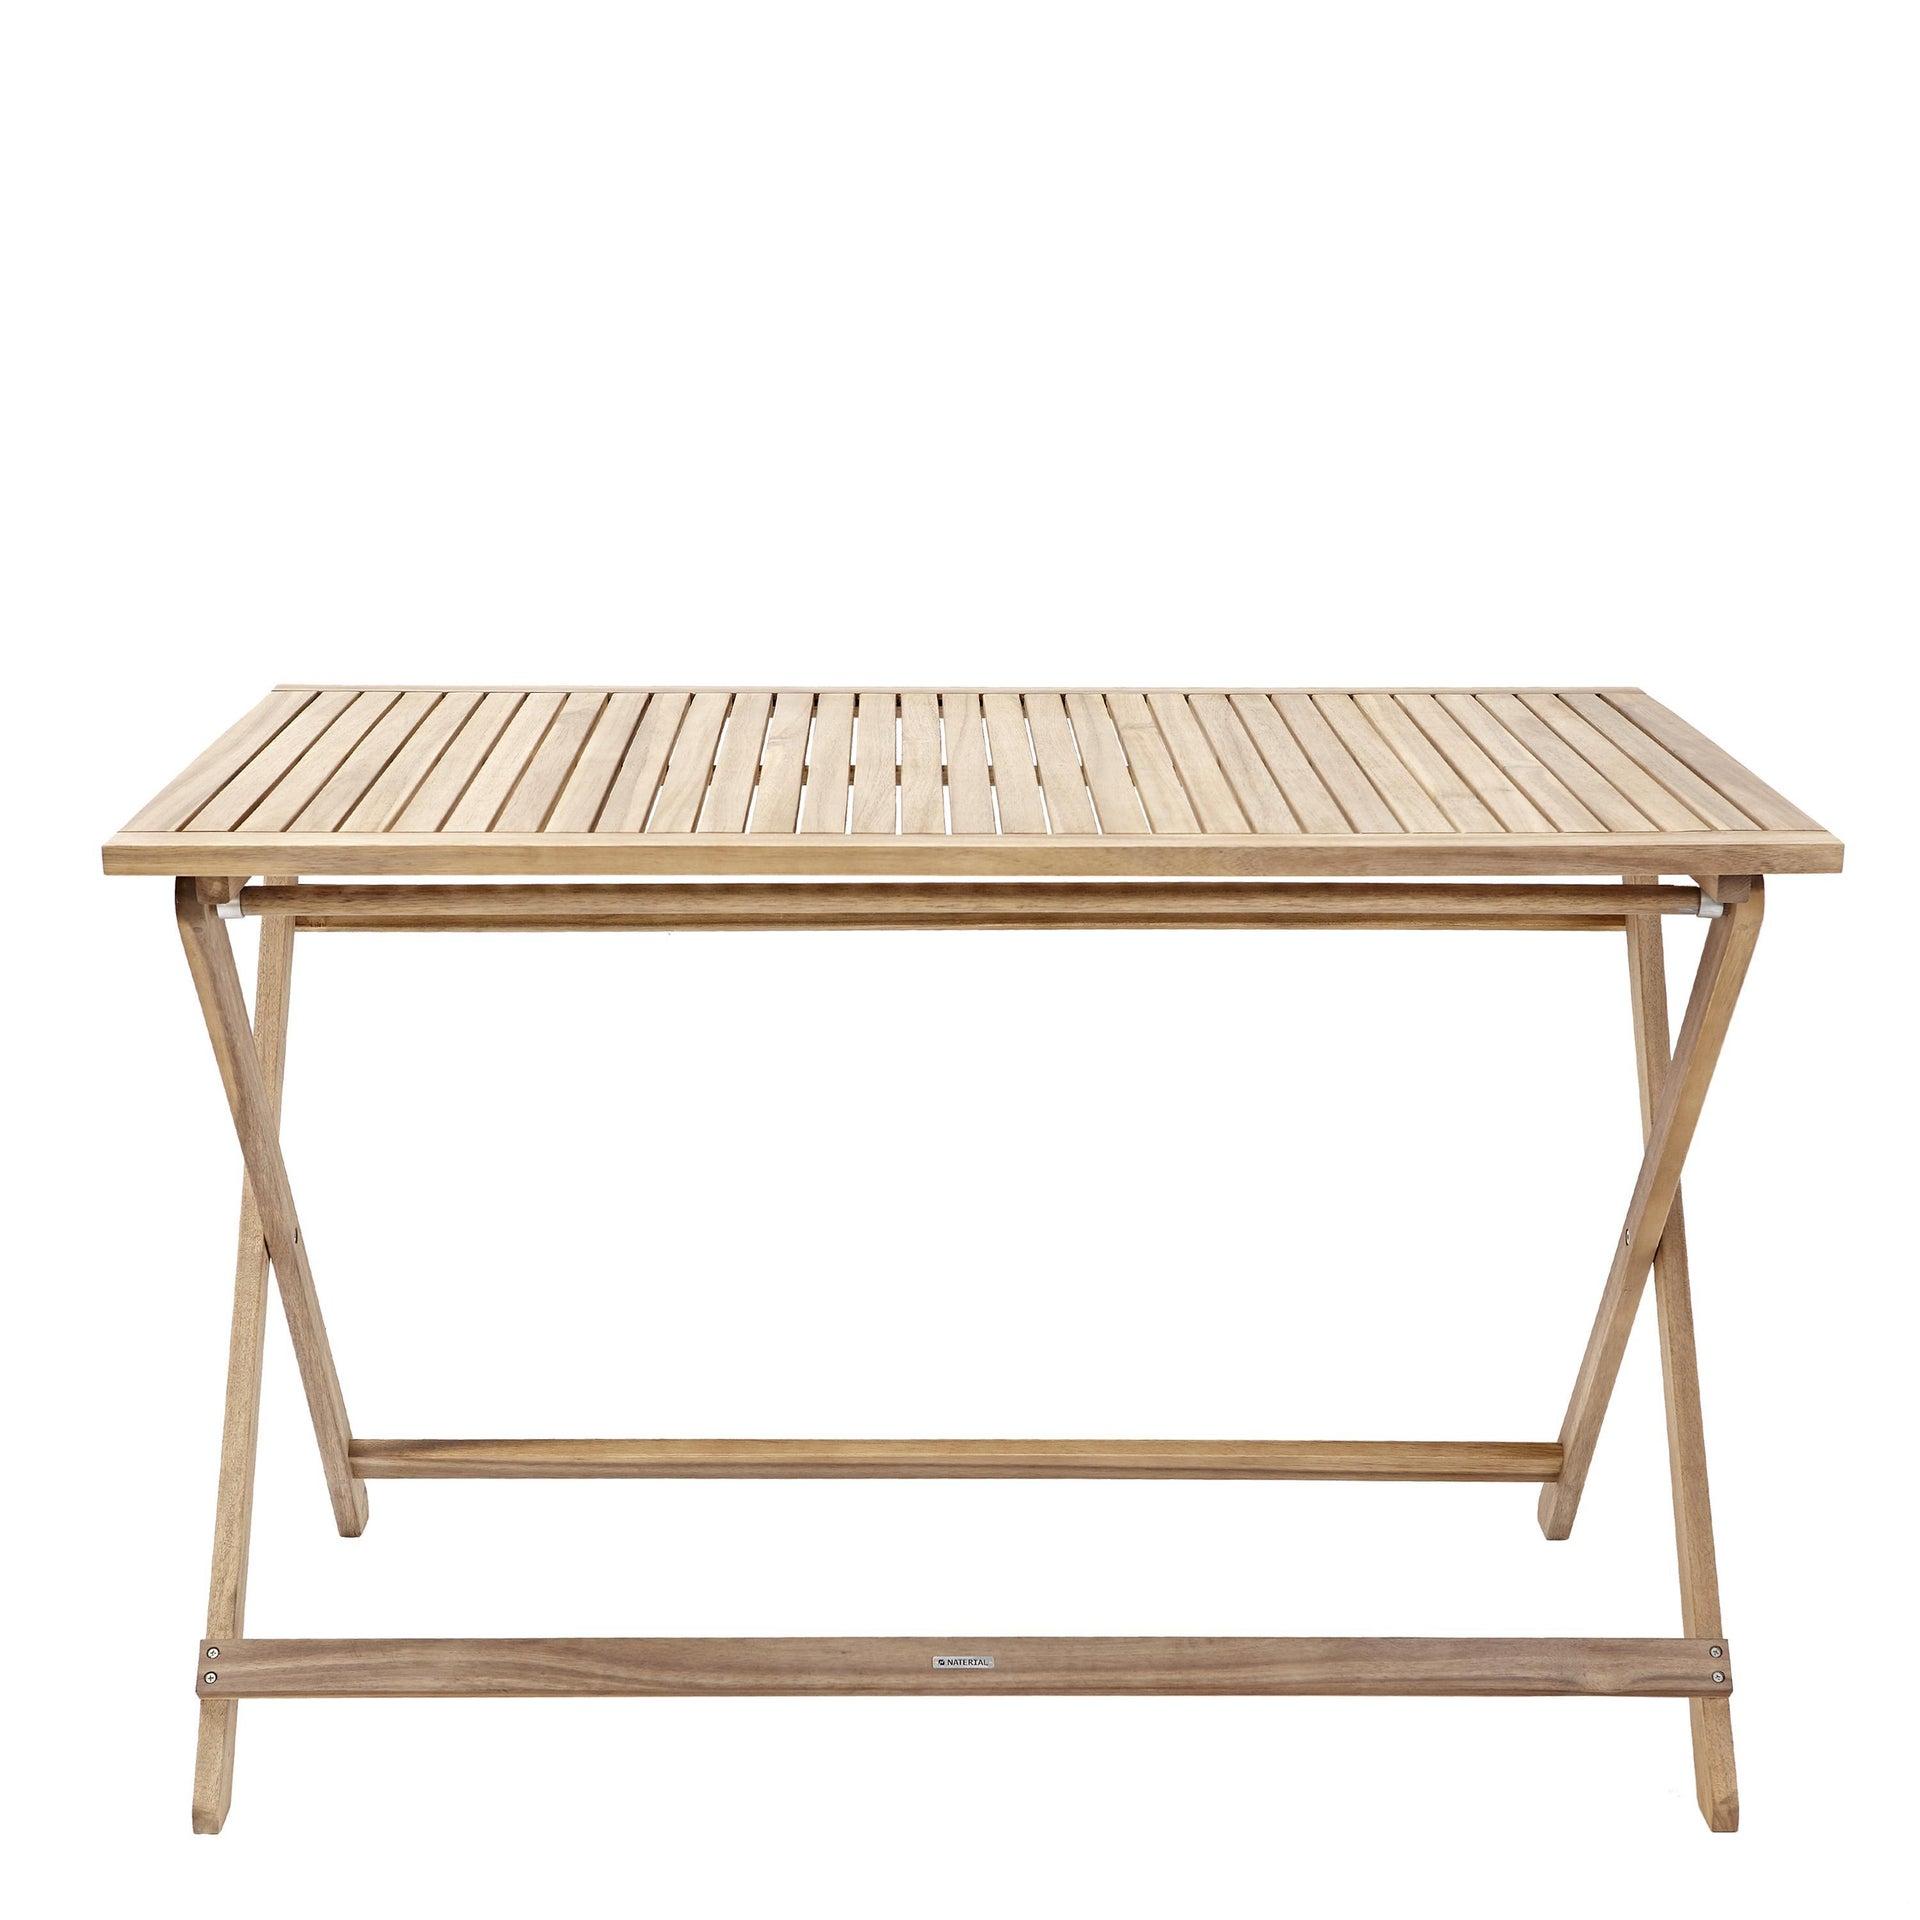 Tavolo da giardino rettangolare Solis NATERIAL con piano in legno L 70 x P 114 cm - 2